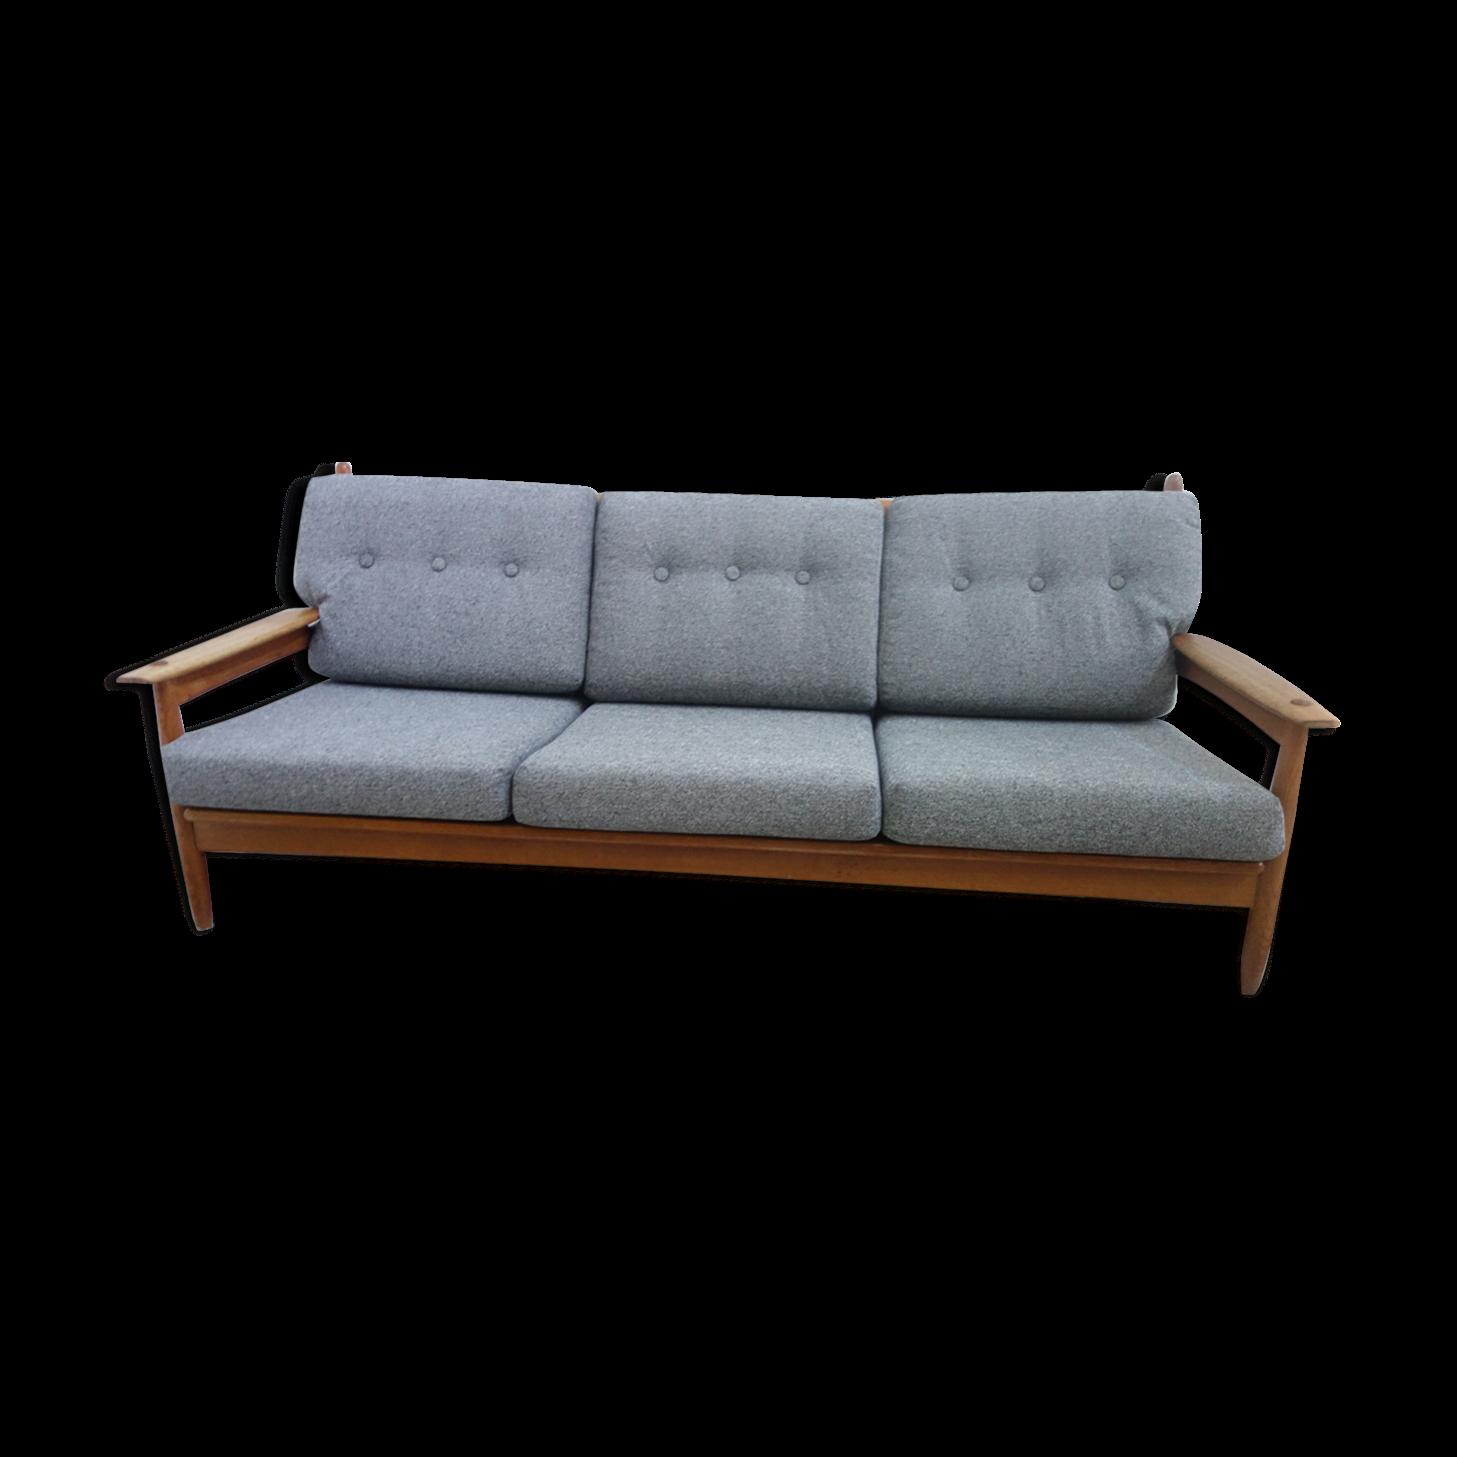 Canapé trois places en tissu et bois